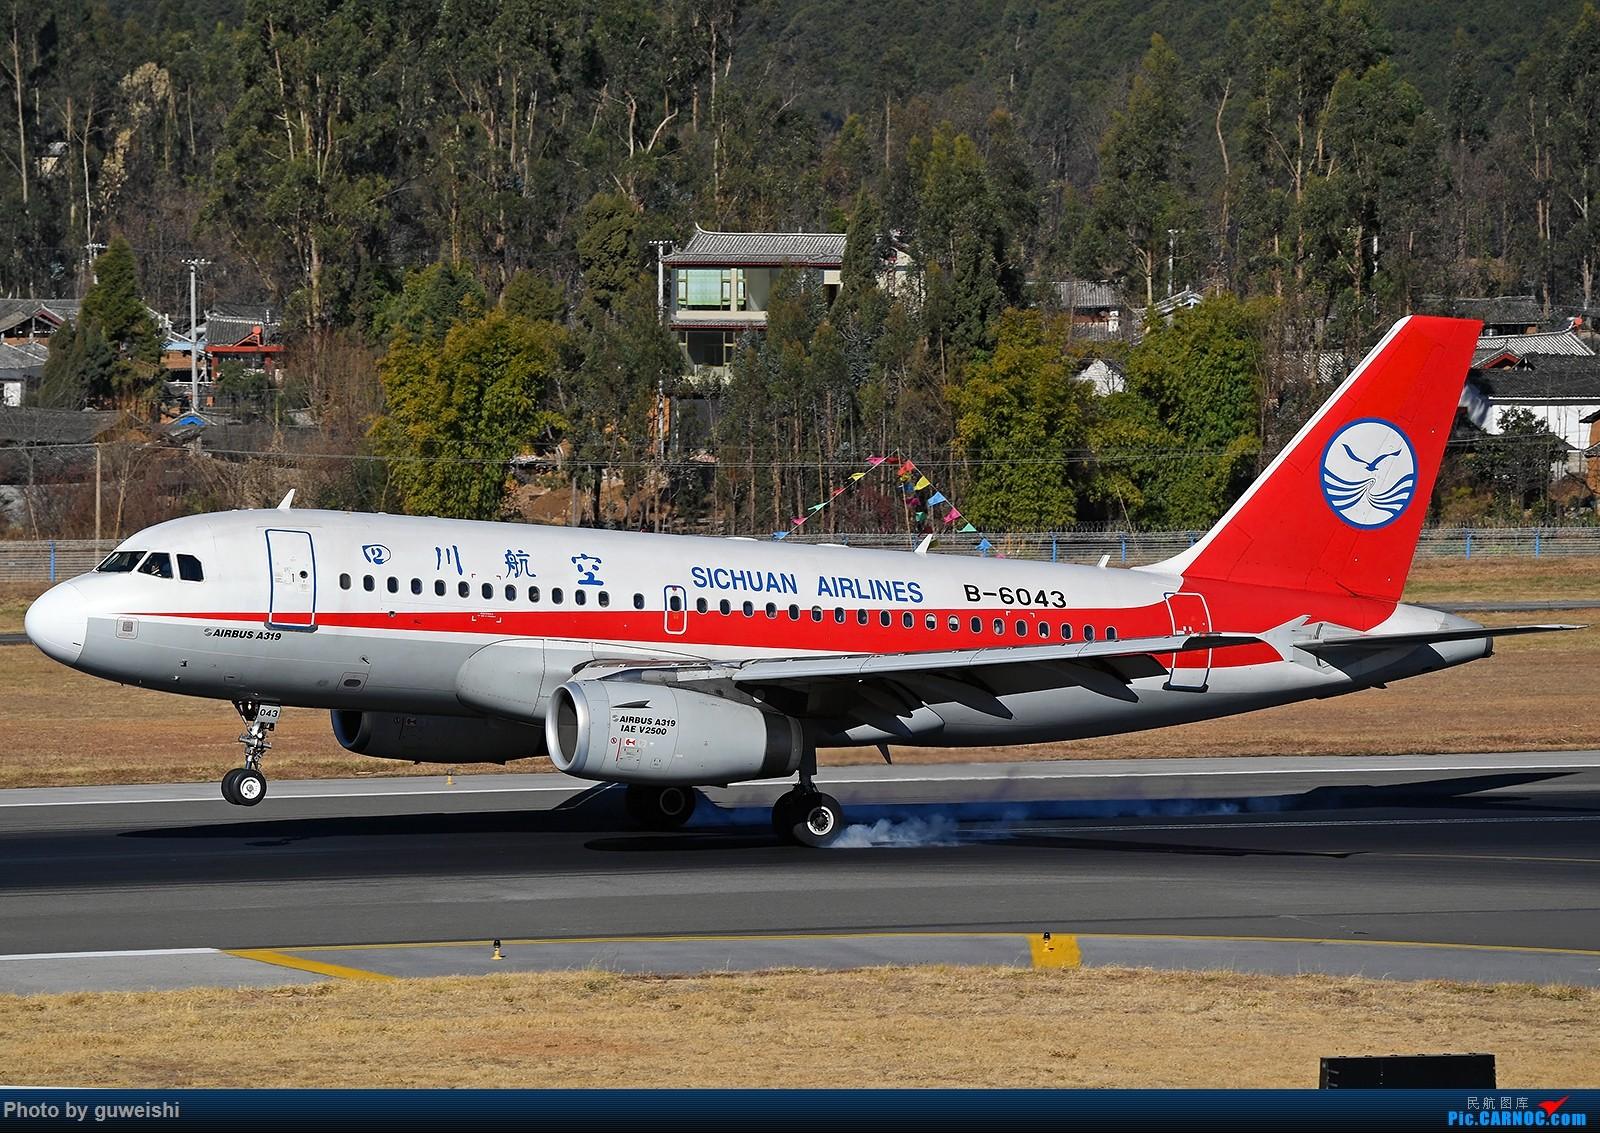 Re:[原创]【七彩天空】——雪山下的飞机,丽江三义半日拍 AIRBUS A319-100 B-6043 中国丽江三义机场